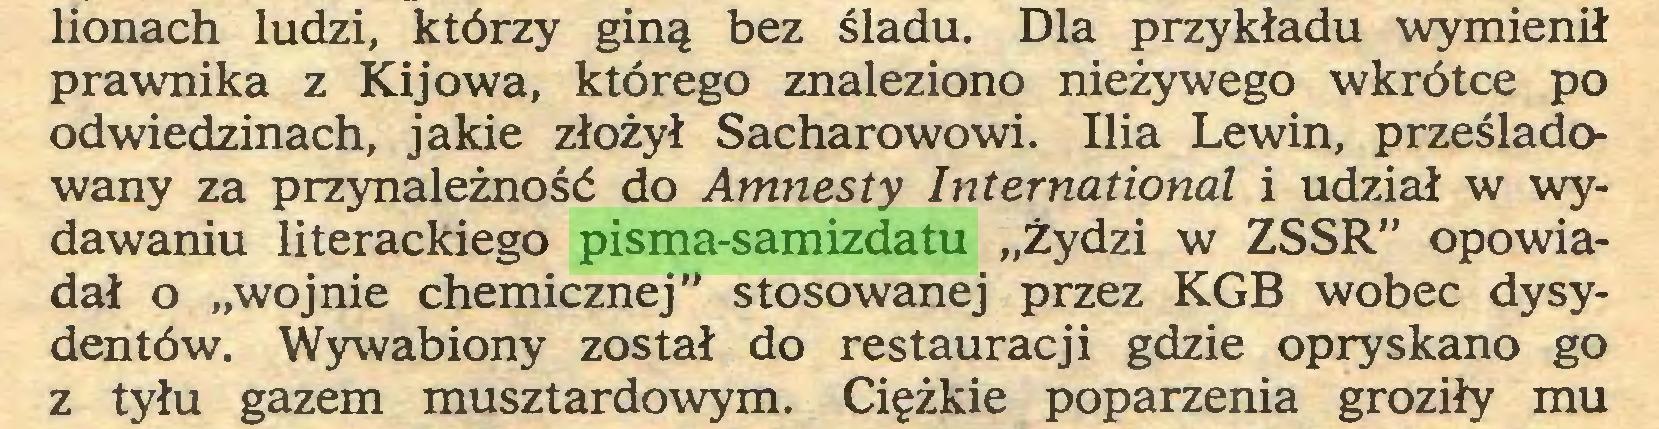 """(...) lionach ludzi, którzy giną bez śladu. Dla przykładu wymienił prawnika z Kijowa, którego znaleziono nieżywego wkrótce po odwiedzinach, jakie złożył Sacharowowi. Ilia Lewin, prześladowany za przynależność do Amnesty International i udział w wydawaniu literackiego pisma-samizdatu """"żydzi w ZSSR"""" opowiadał o """"wojnie chemicznej"""" stosowanej przez KGB wobec dysydentów. Wywabiony został do restauracji gdzie opryskano go z tyłu gazem musztardowym. Ciężkie poparzenia groziły mu..."""